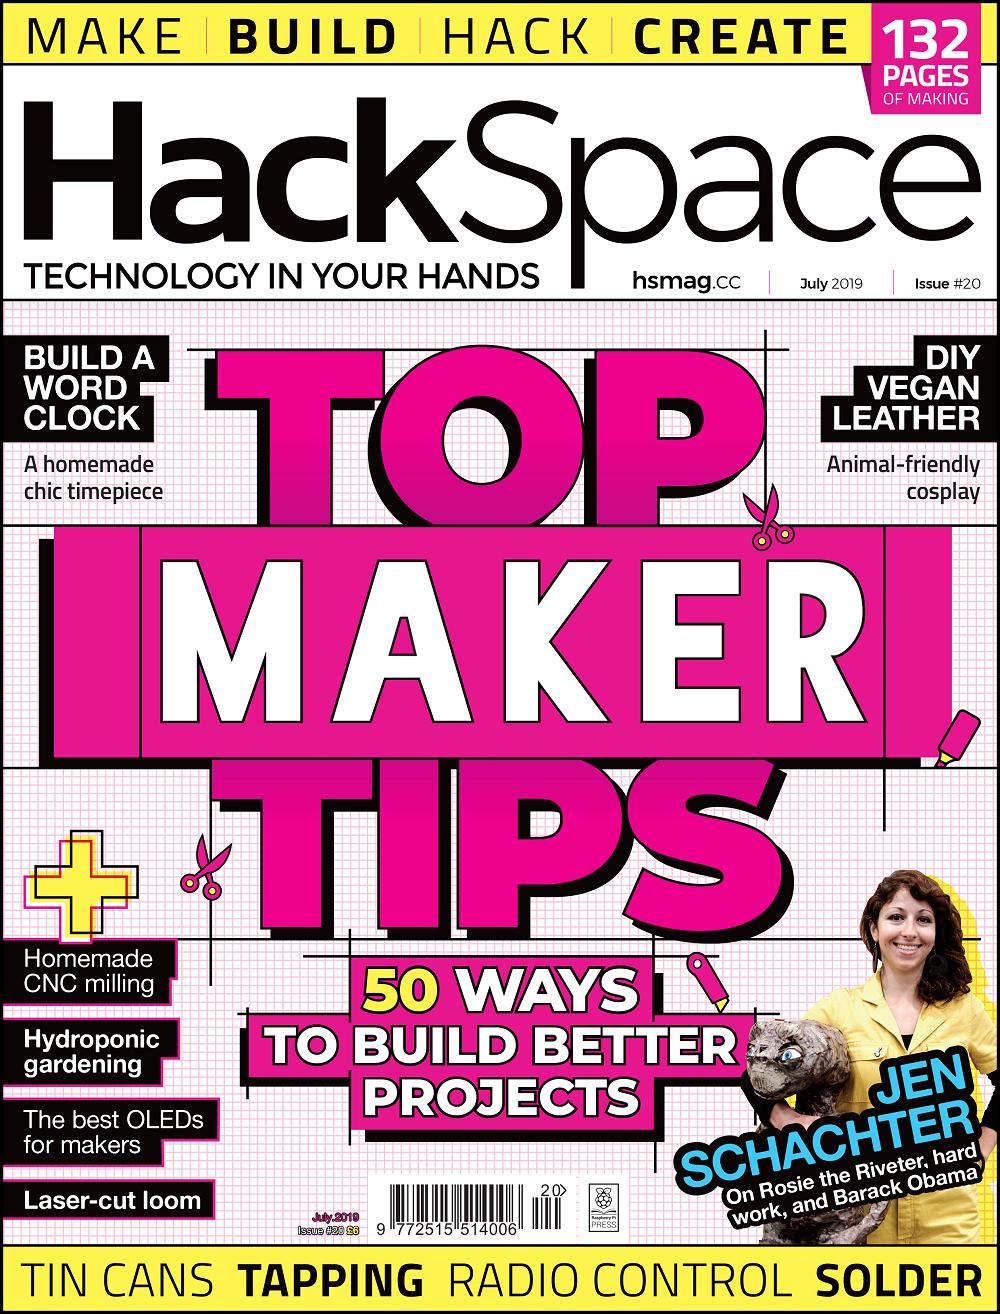 Hs 20 cover web